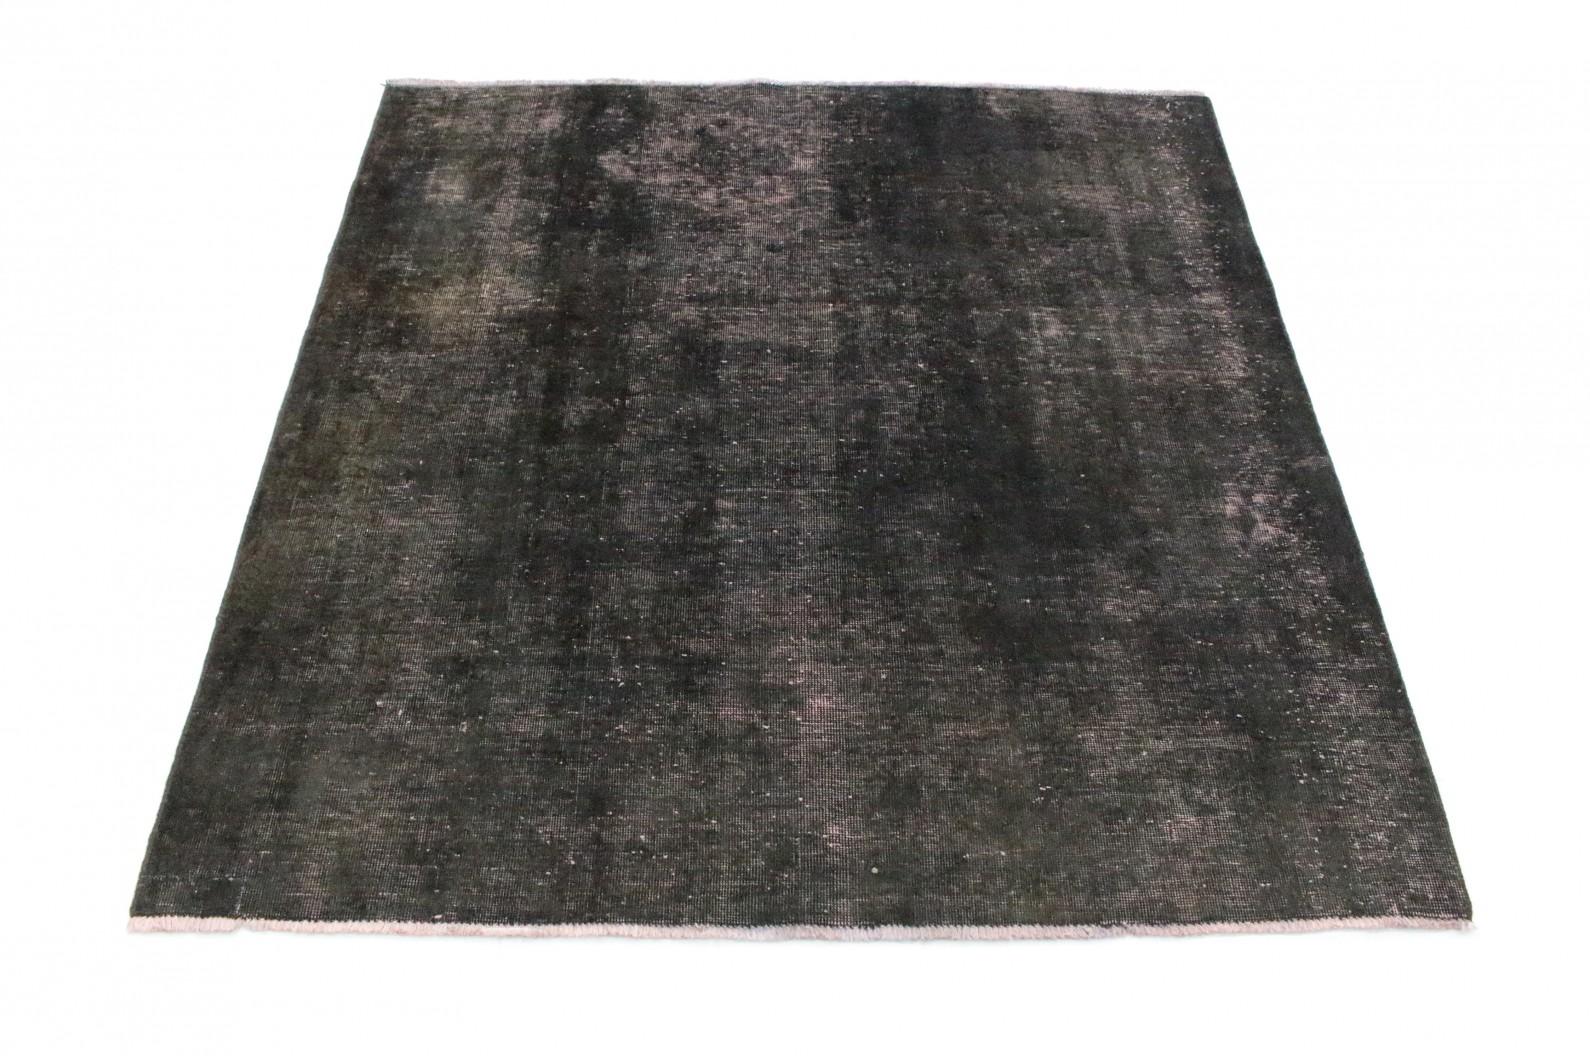 vintage teppich schwarz rosa in 160x150 1002 5243 bei kaufen. Black Bedroom Furniture Sets. Home Design Ideas